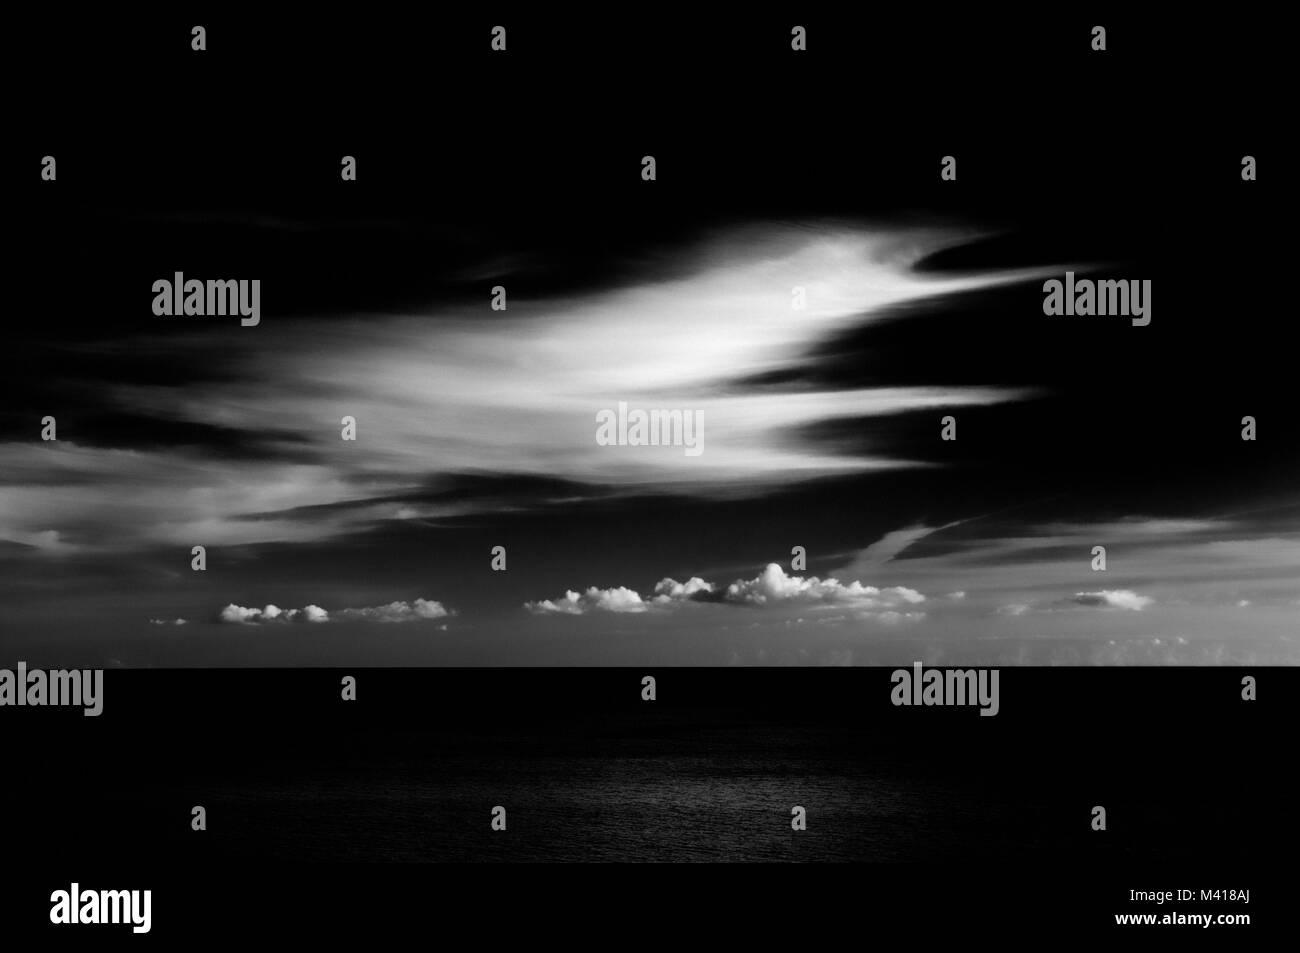 L'image monochrome à fort contraste contemporain de substitution, les formations nuageuses sur une mer calme. Banque D'Images